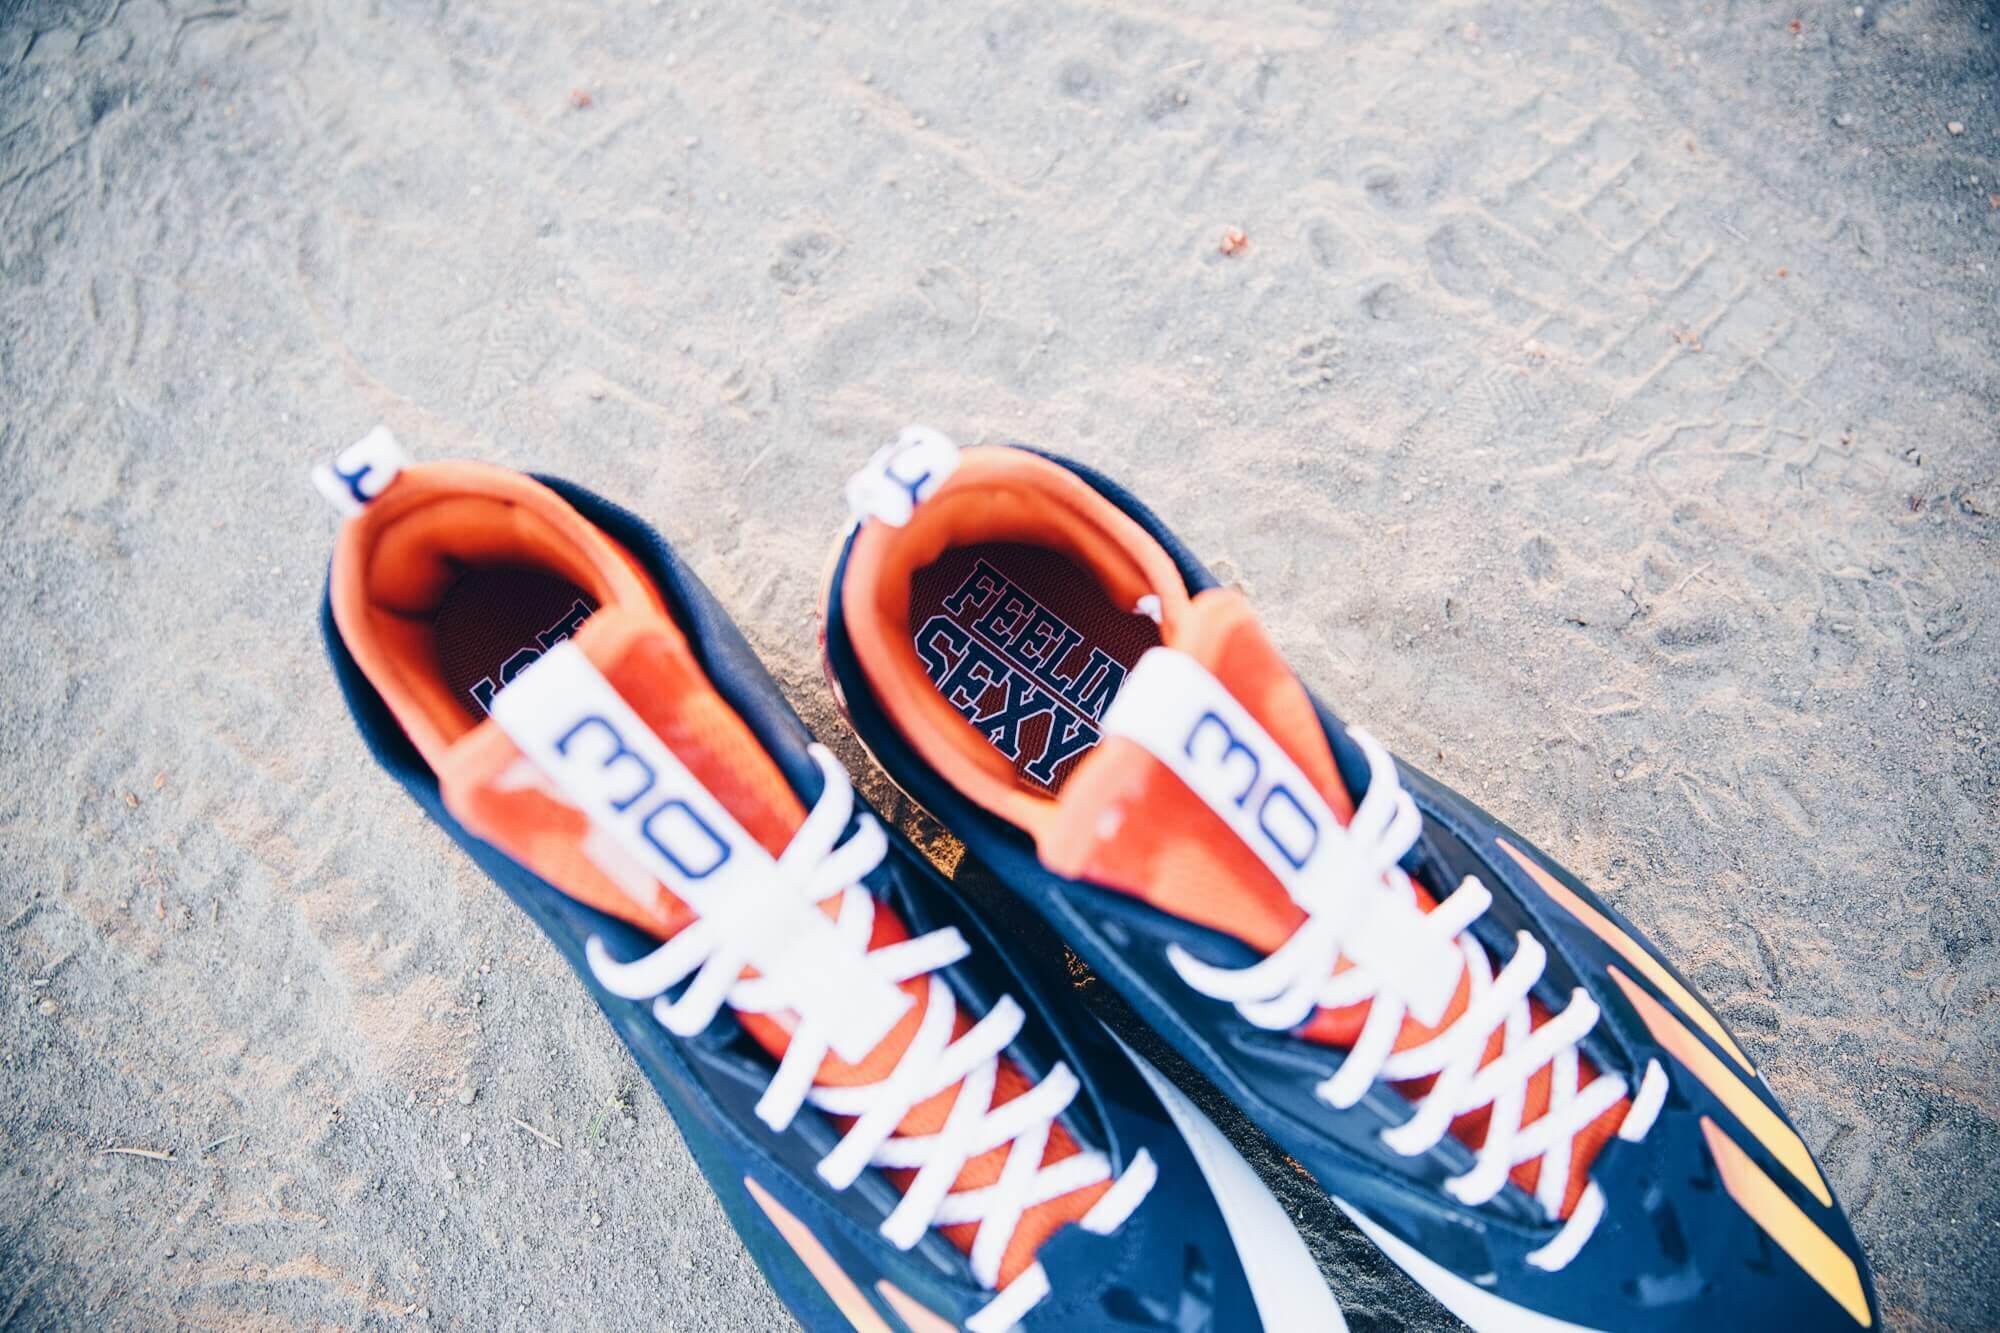 Carlos Gomez adidas Cleats 3